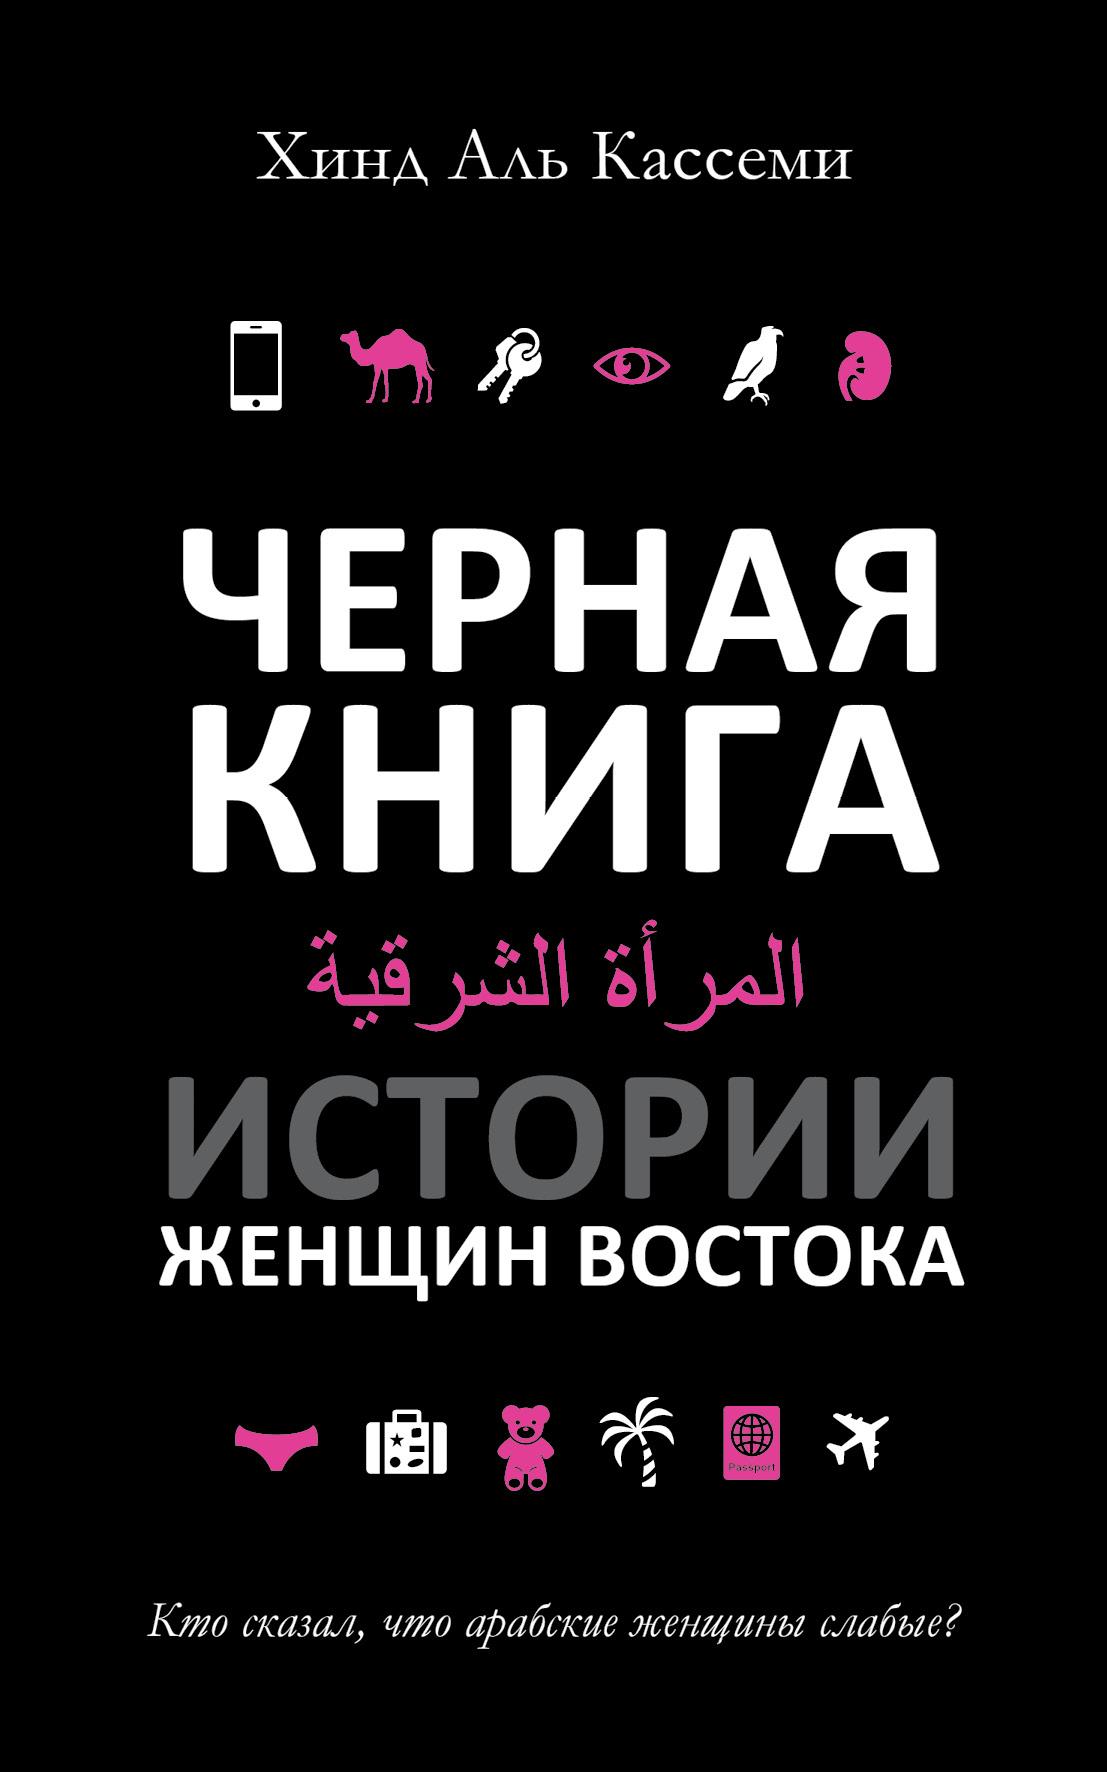 Аль Кассеми Хинд Черная книга. Истории женщин востока